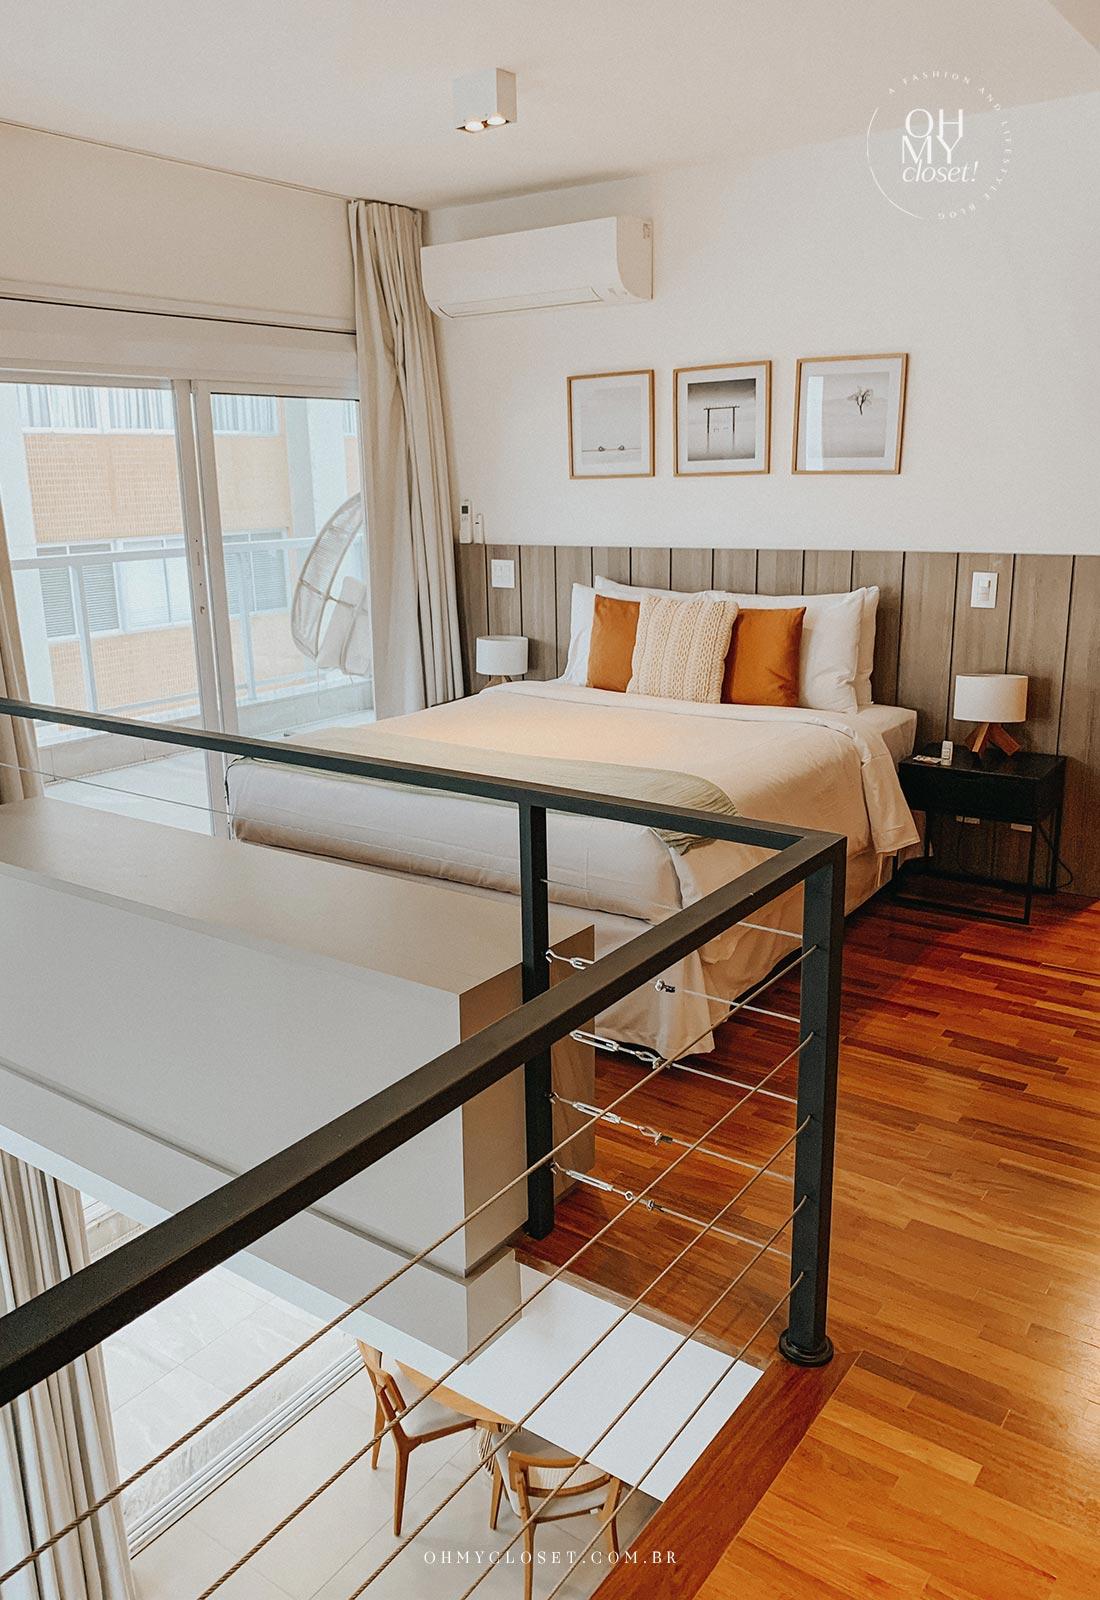 Quarto, andar de cima, duplex apartamento Airbnb nos Jardins em São Paulo.